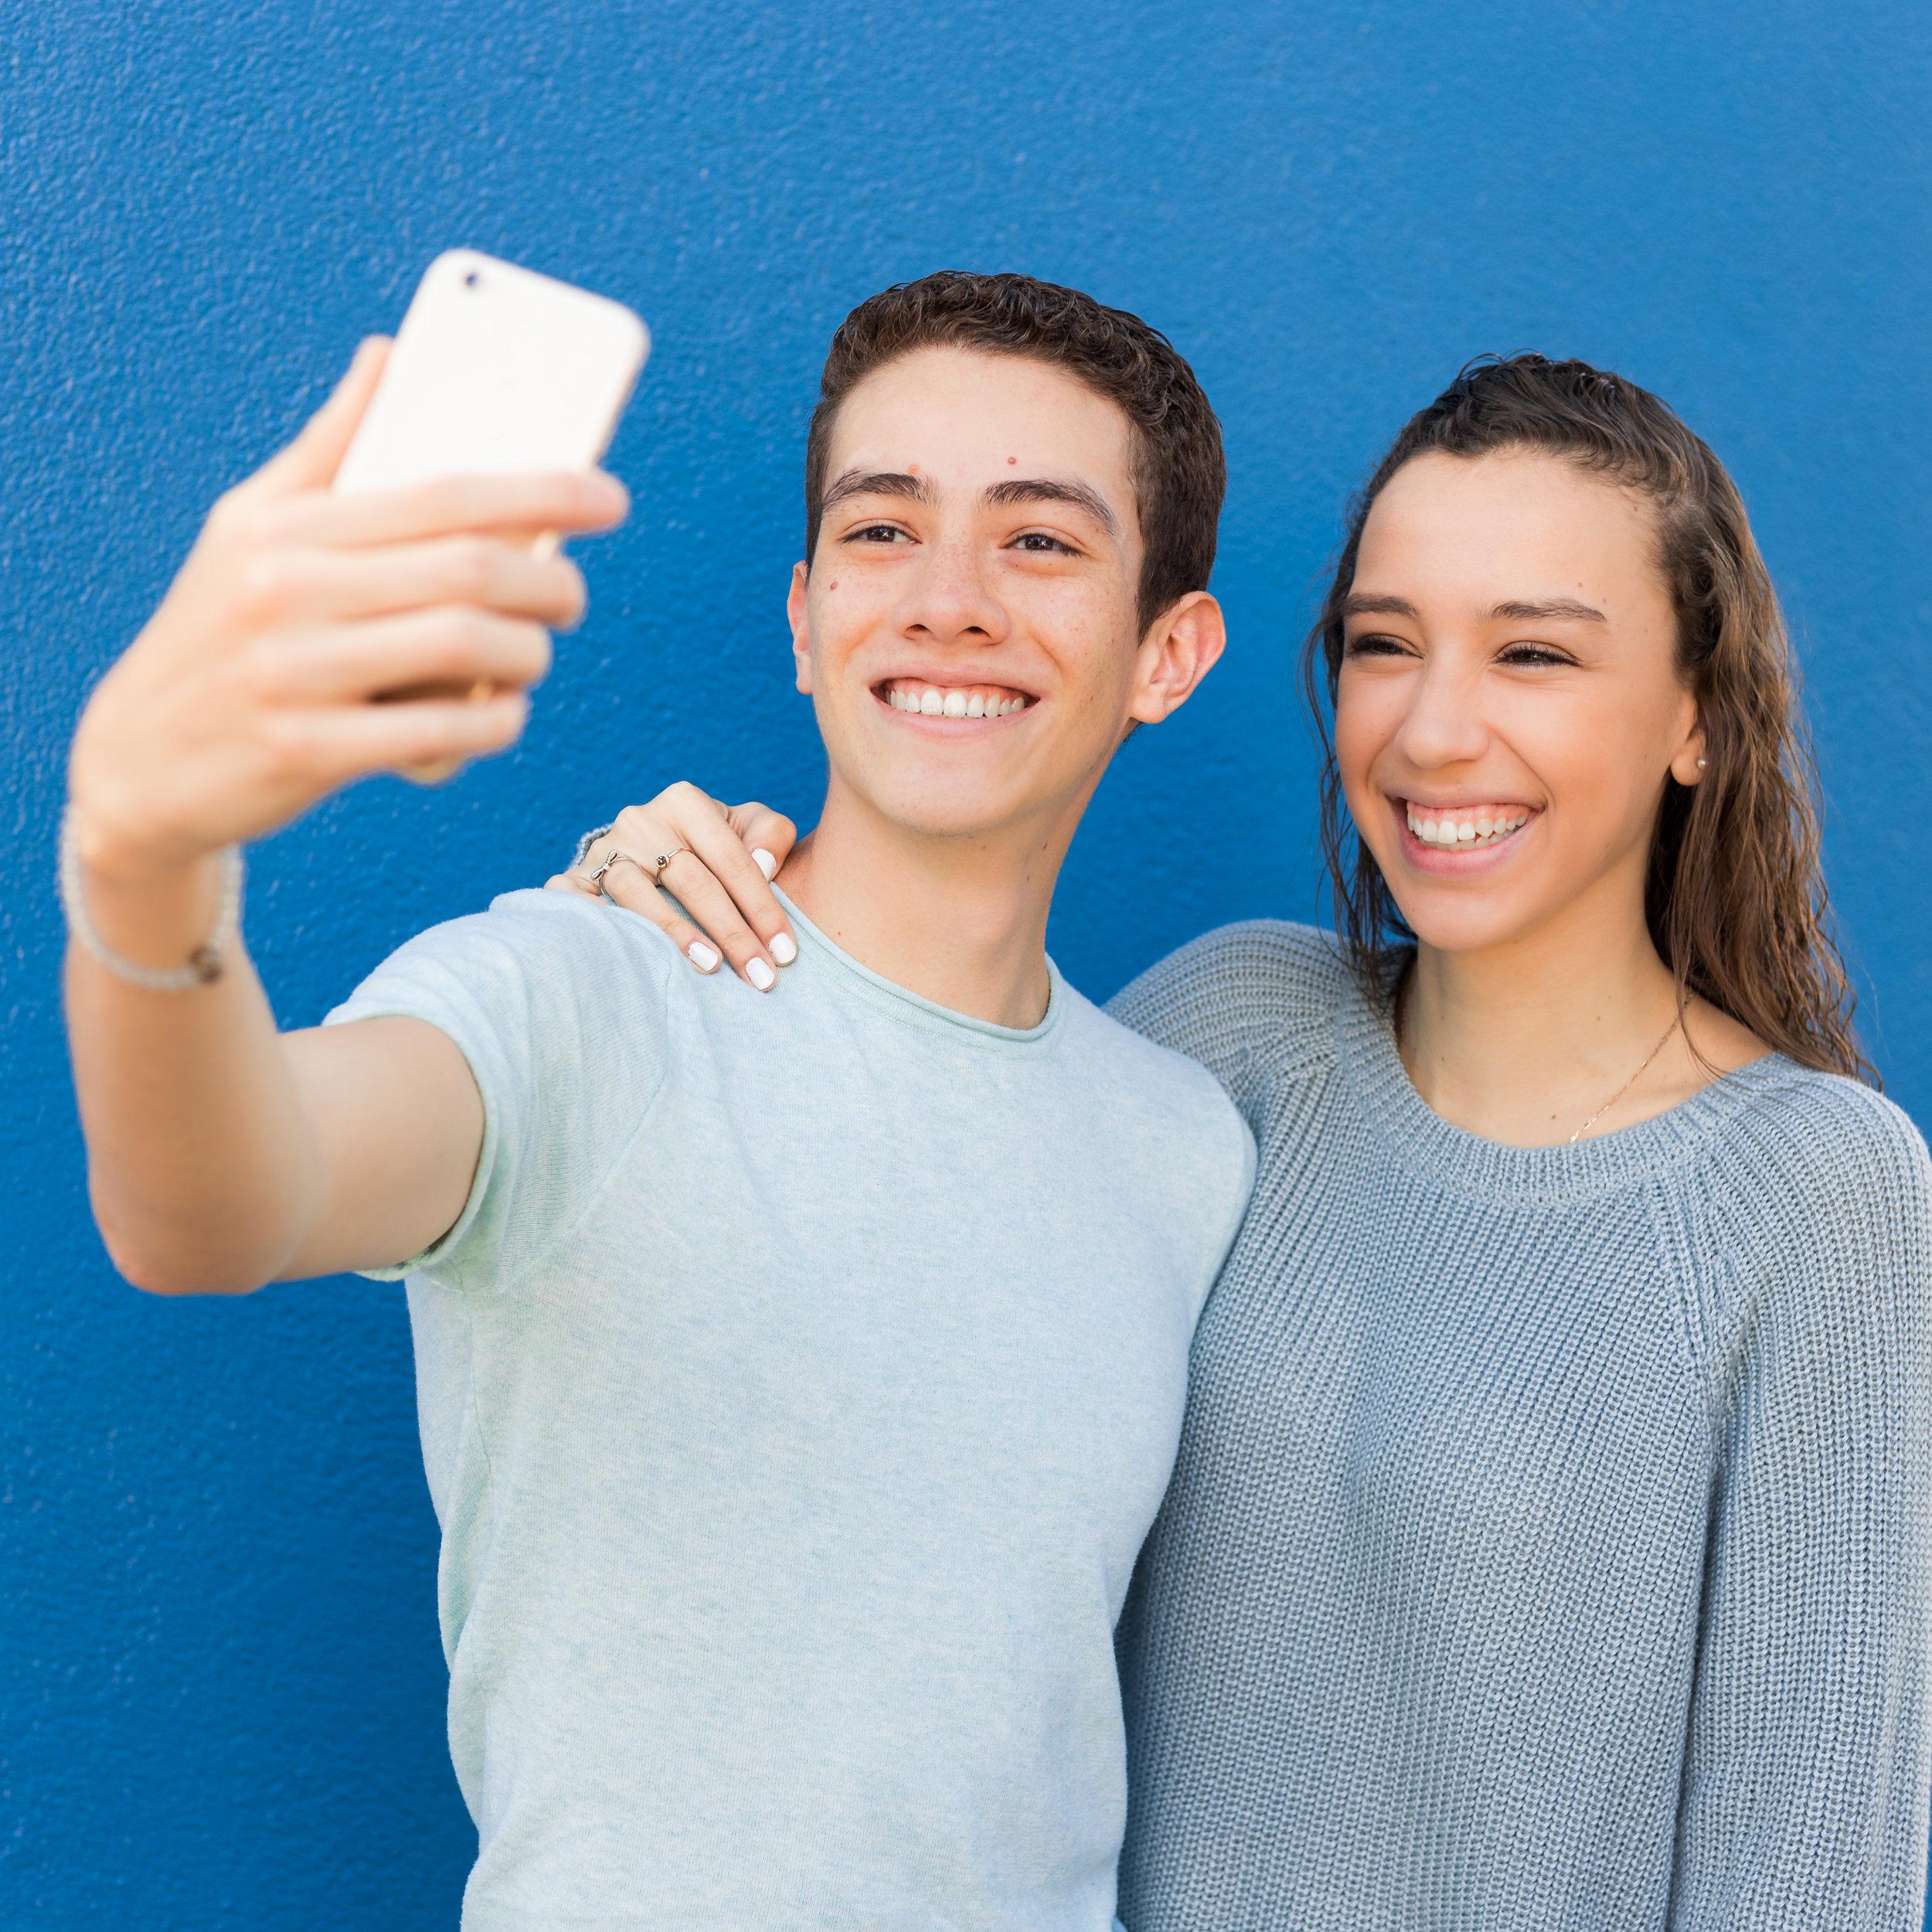 Selfie Time 3.jpg